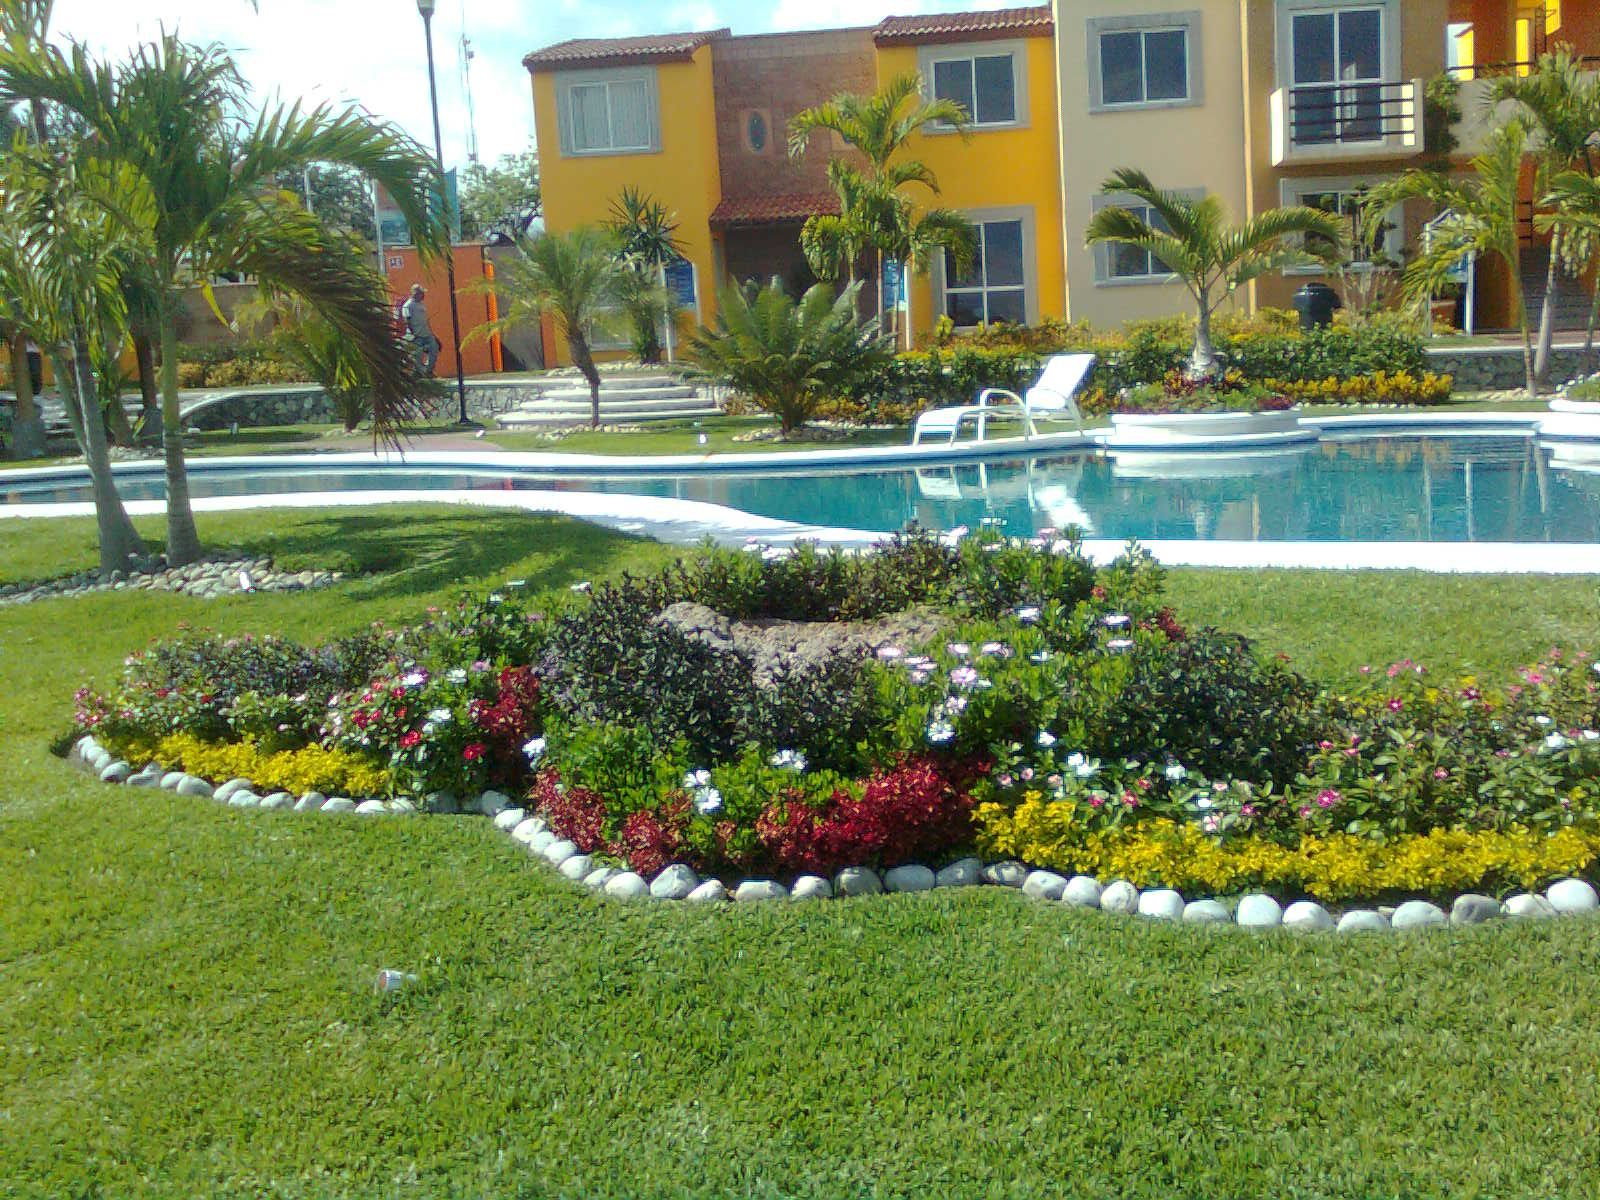 diseño de jardines vintage - buscar con google | jardin y huerta